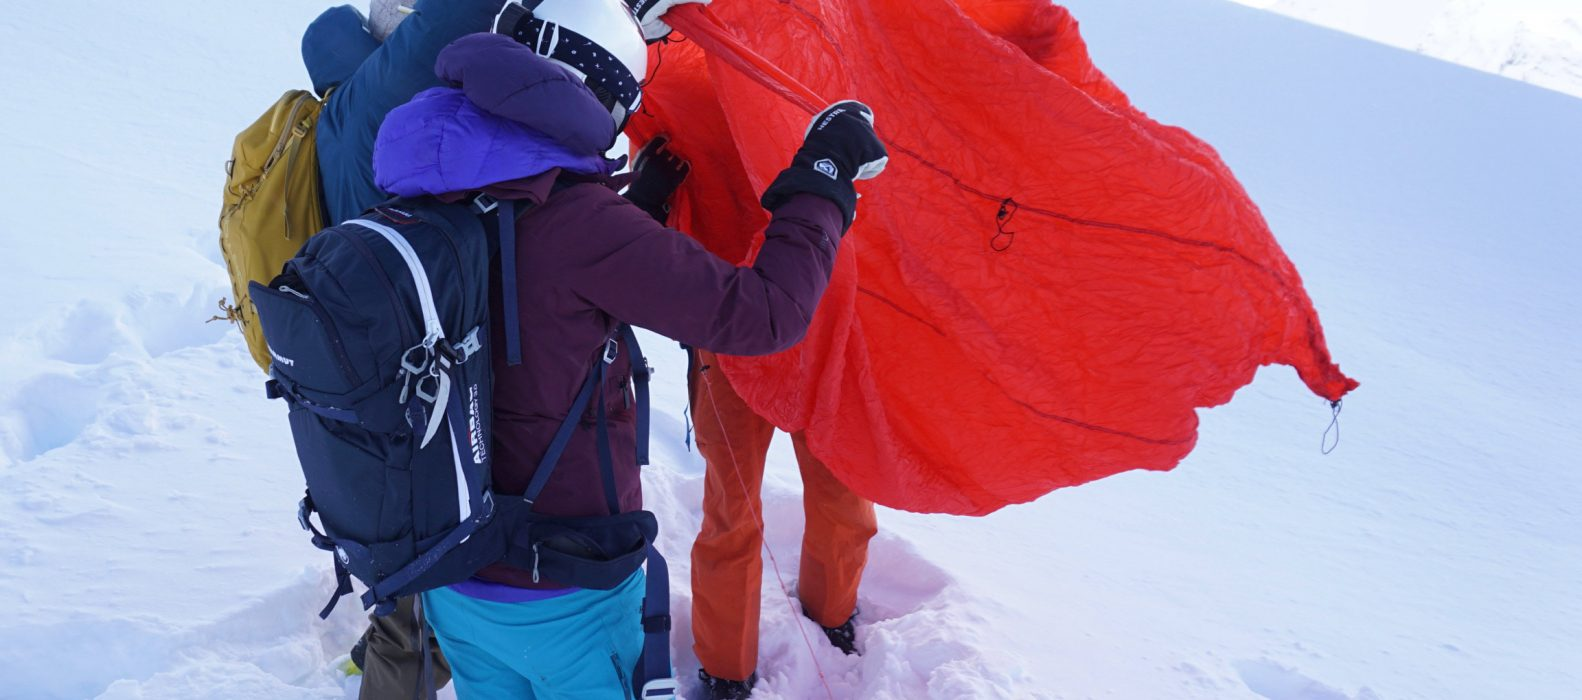 """HILLEBERG """"Windsack"""", Abb. 2: Beim Ausbreiten sieht man gleich die Befestigungspunkte/-schnüre sowie die lange Sicherungsleine (liegt im Schnee), die man vor dem Auspacken am Handgelenk/Körper fixieren kann, damit der Wind das ganze Ding nicht wegbläst."""